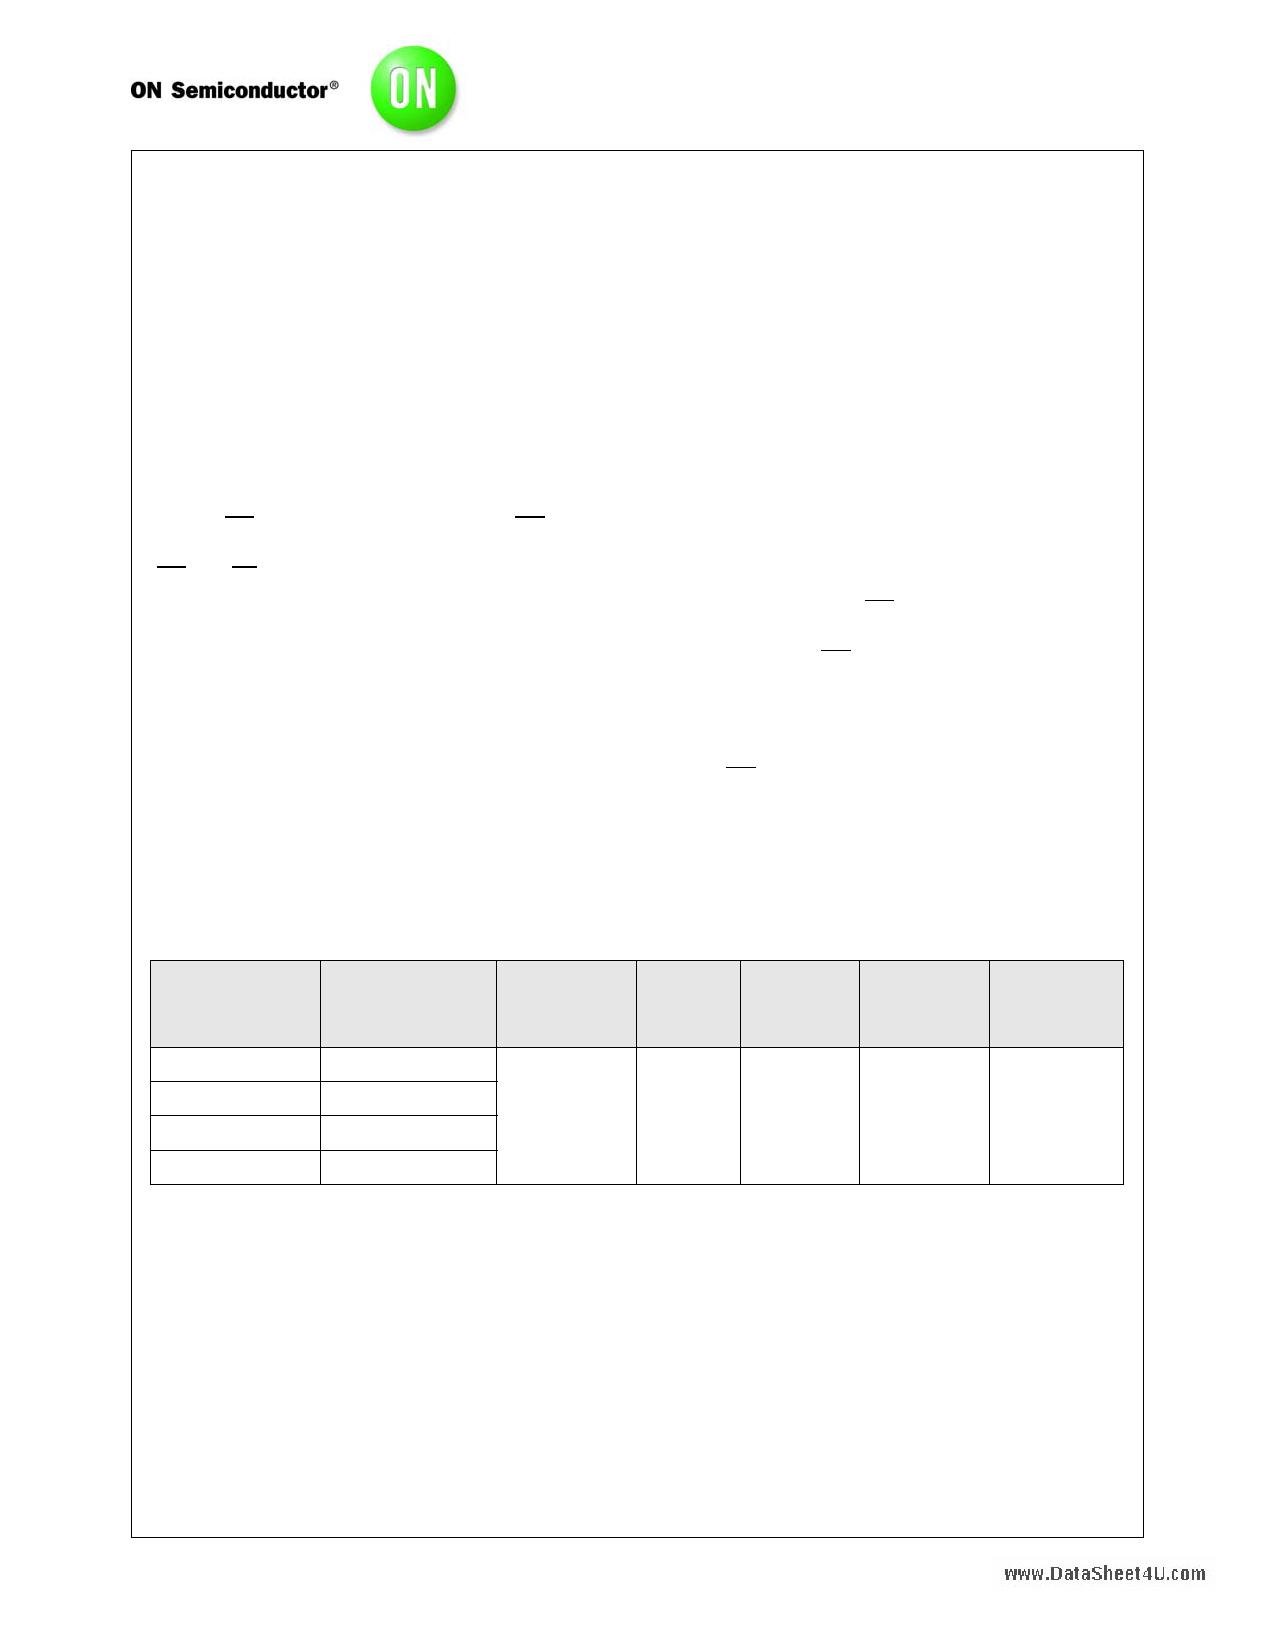 N02L63W3A Hoja de datos, Descripción, Manual